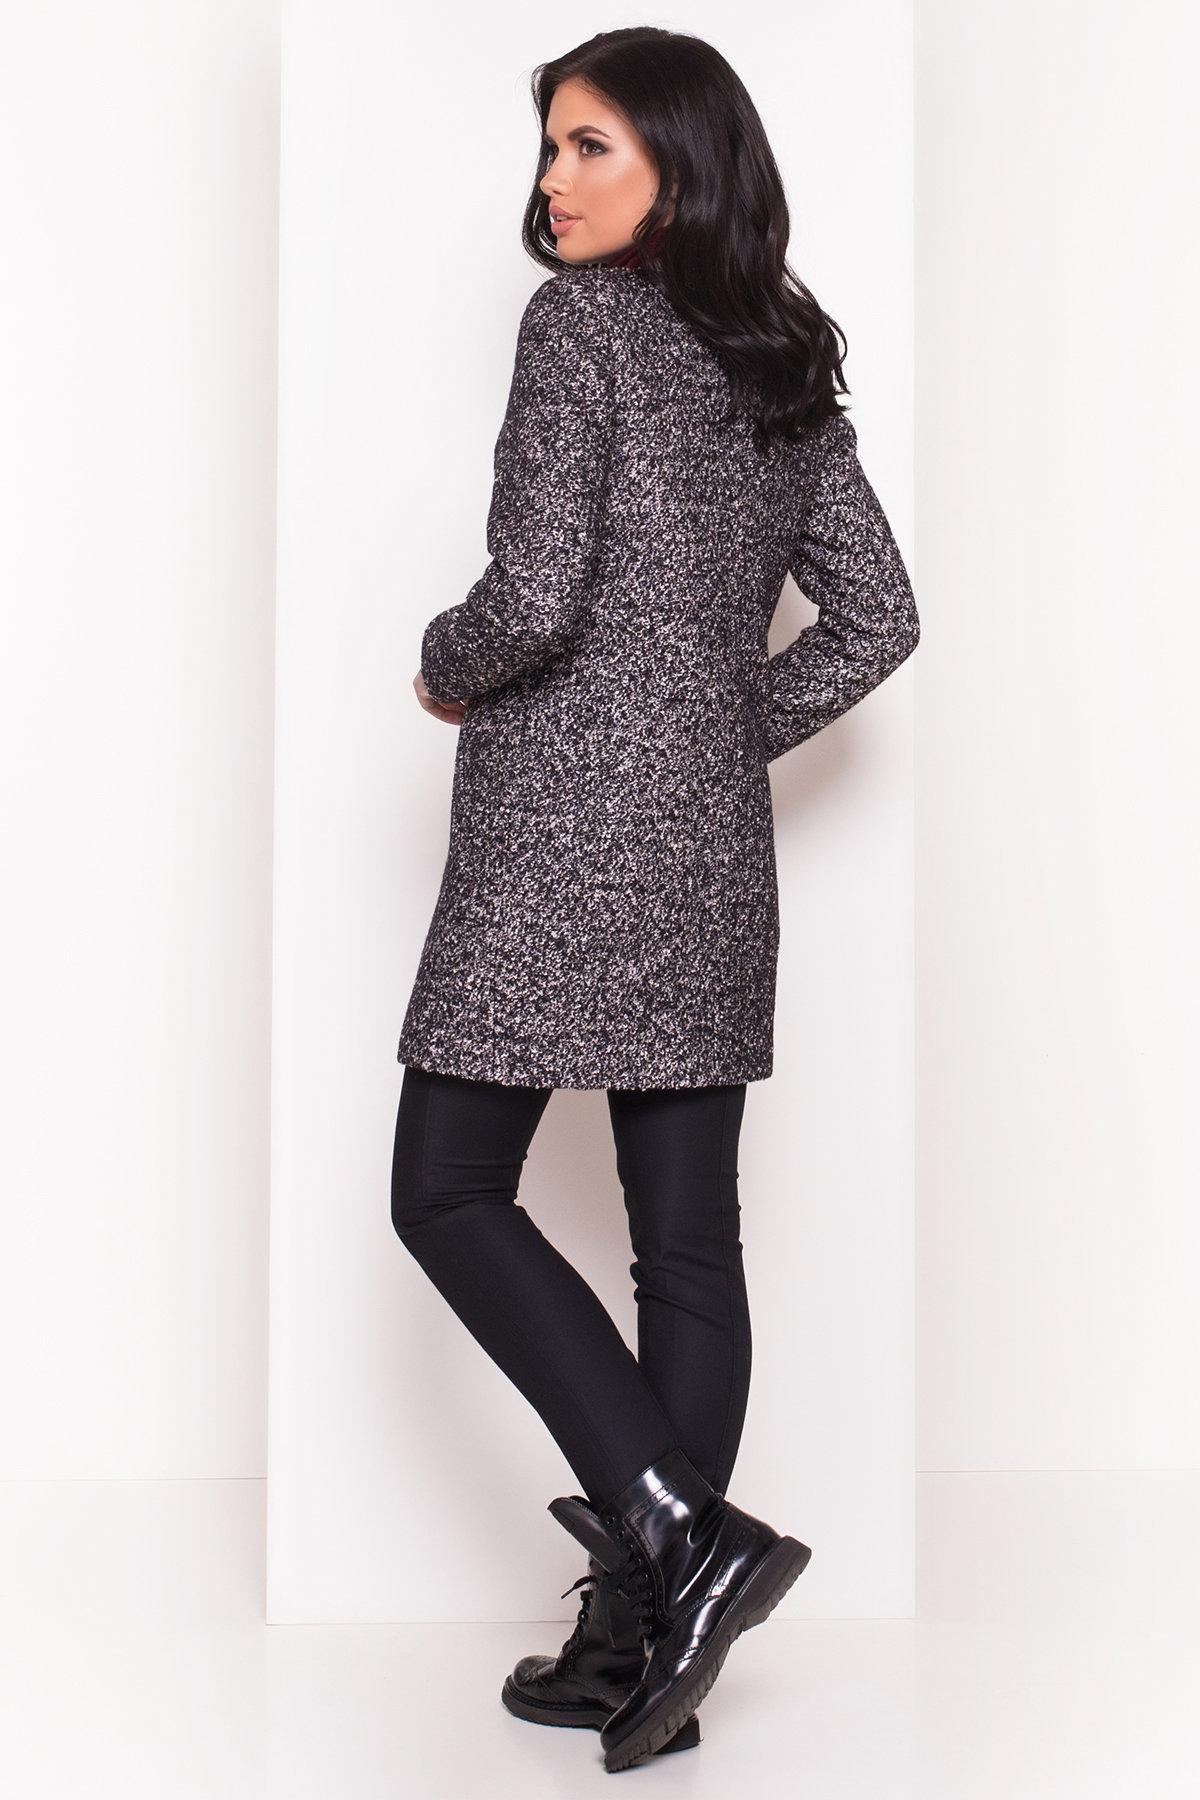 Пальто Фортуна 0904 АРТ. 8184 Цвет: Черный / серый 6 - фото 4, интернет магазин tm-modus.ru